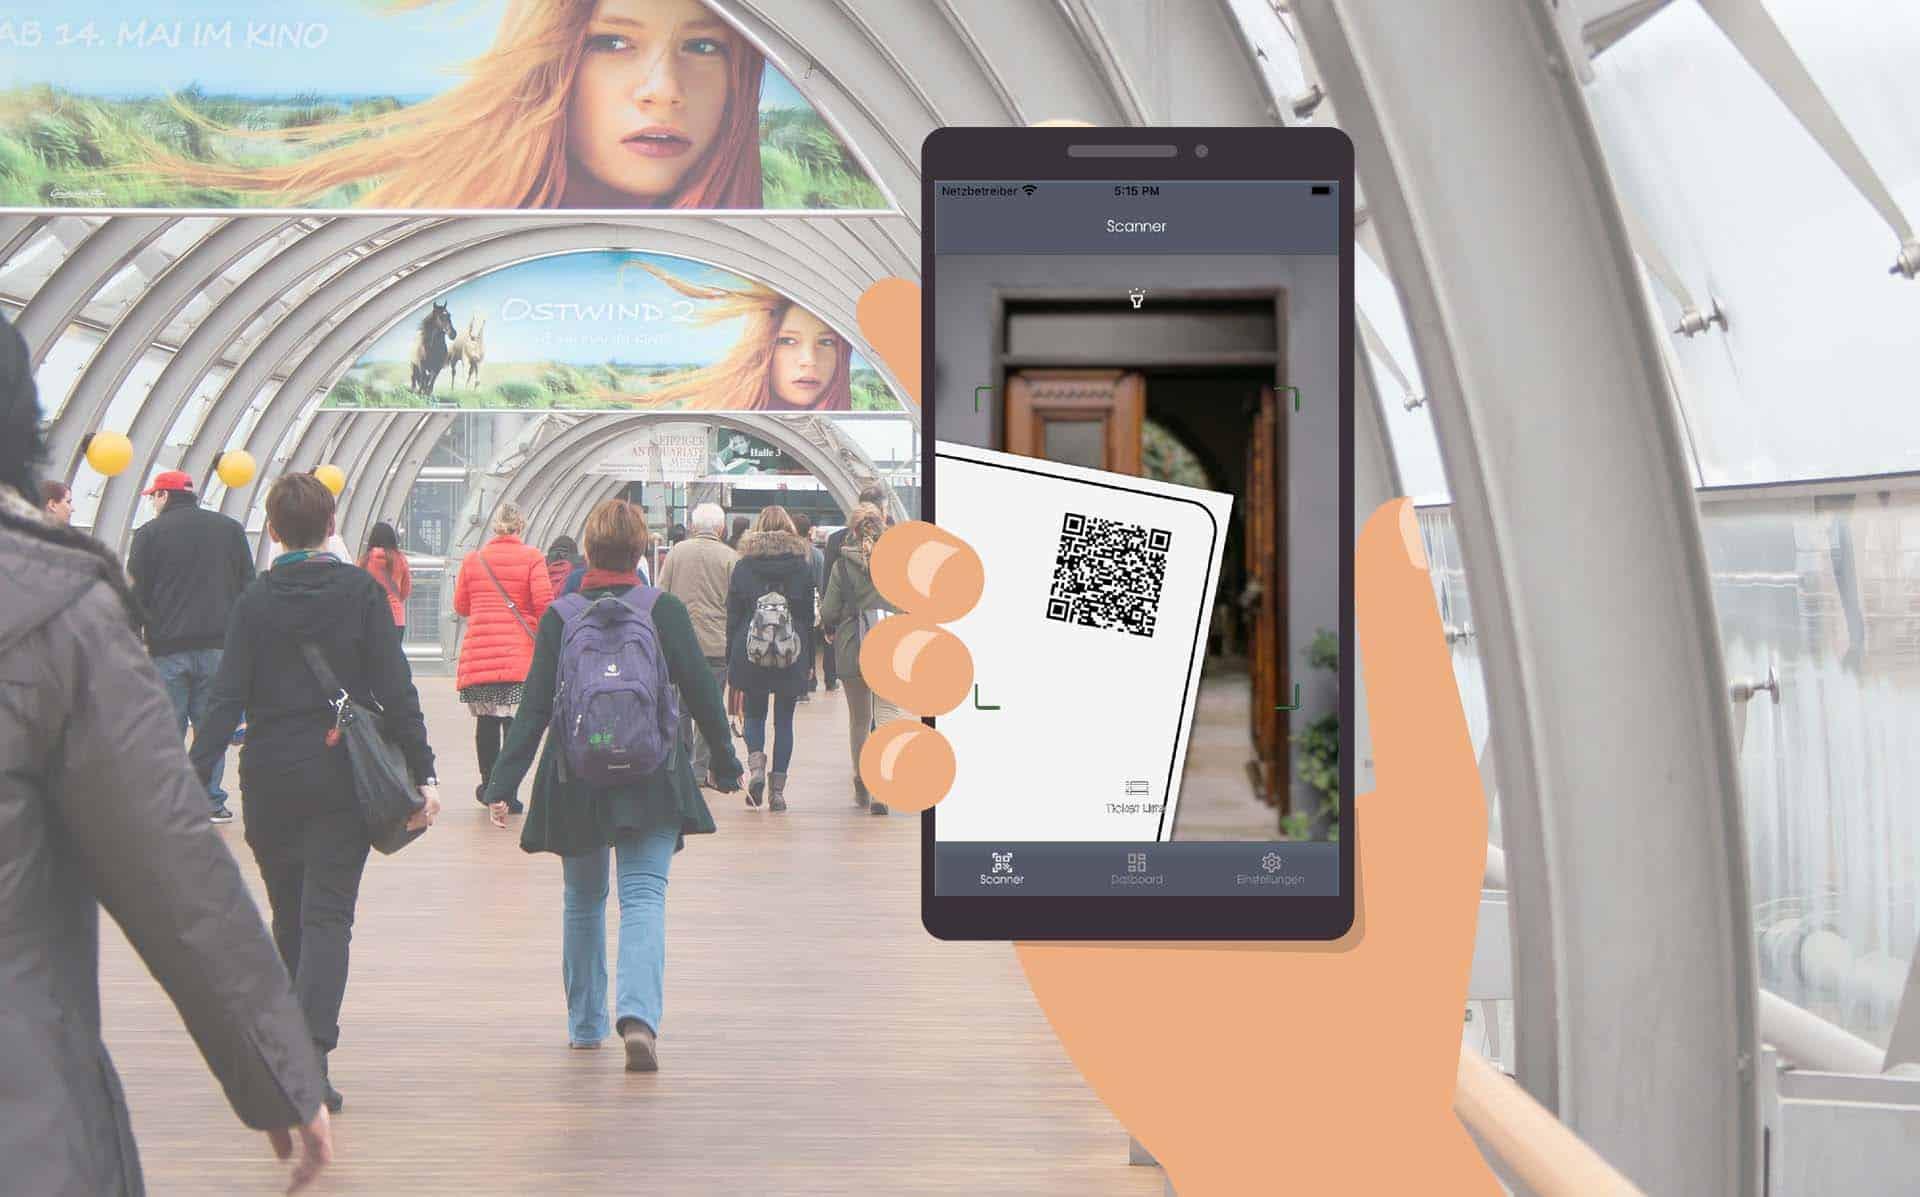 Besucher gehen durch einen Tunnel eines Messegeländes. Eine Hand hält ein Smartphone mit einem Screen der Connfair Admin App.